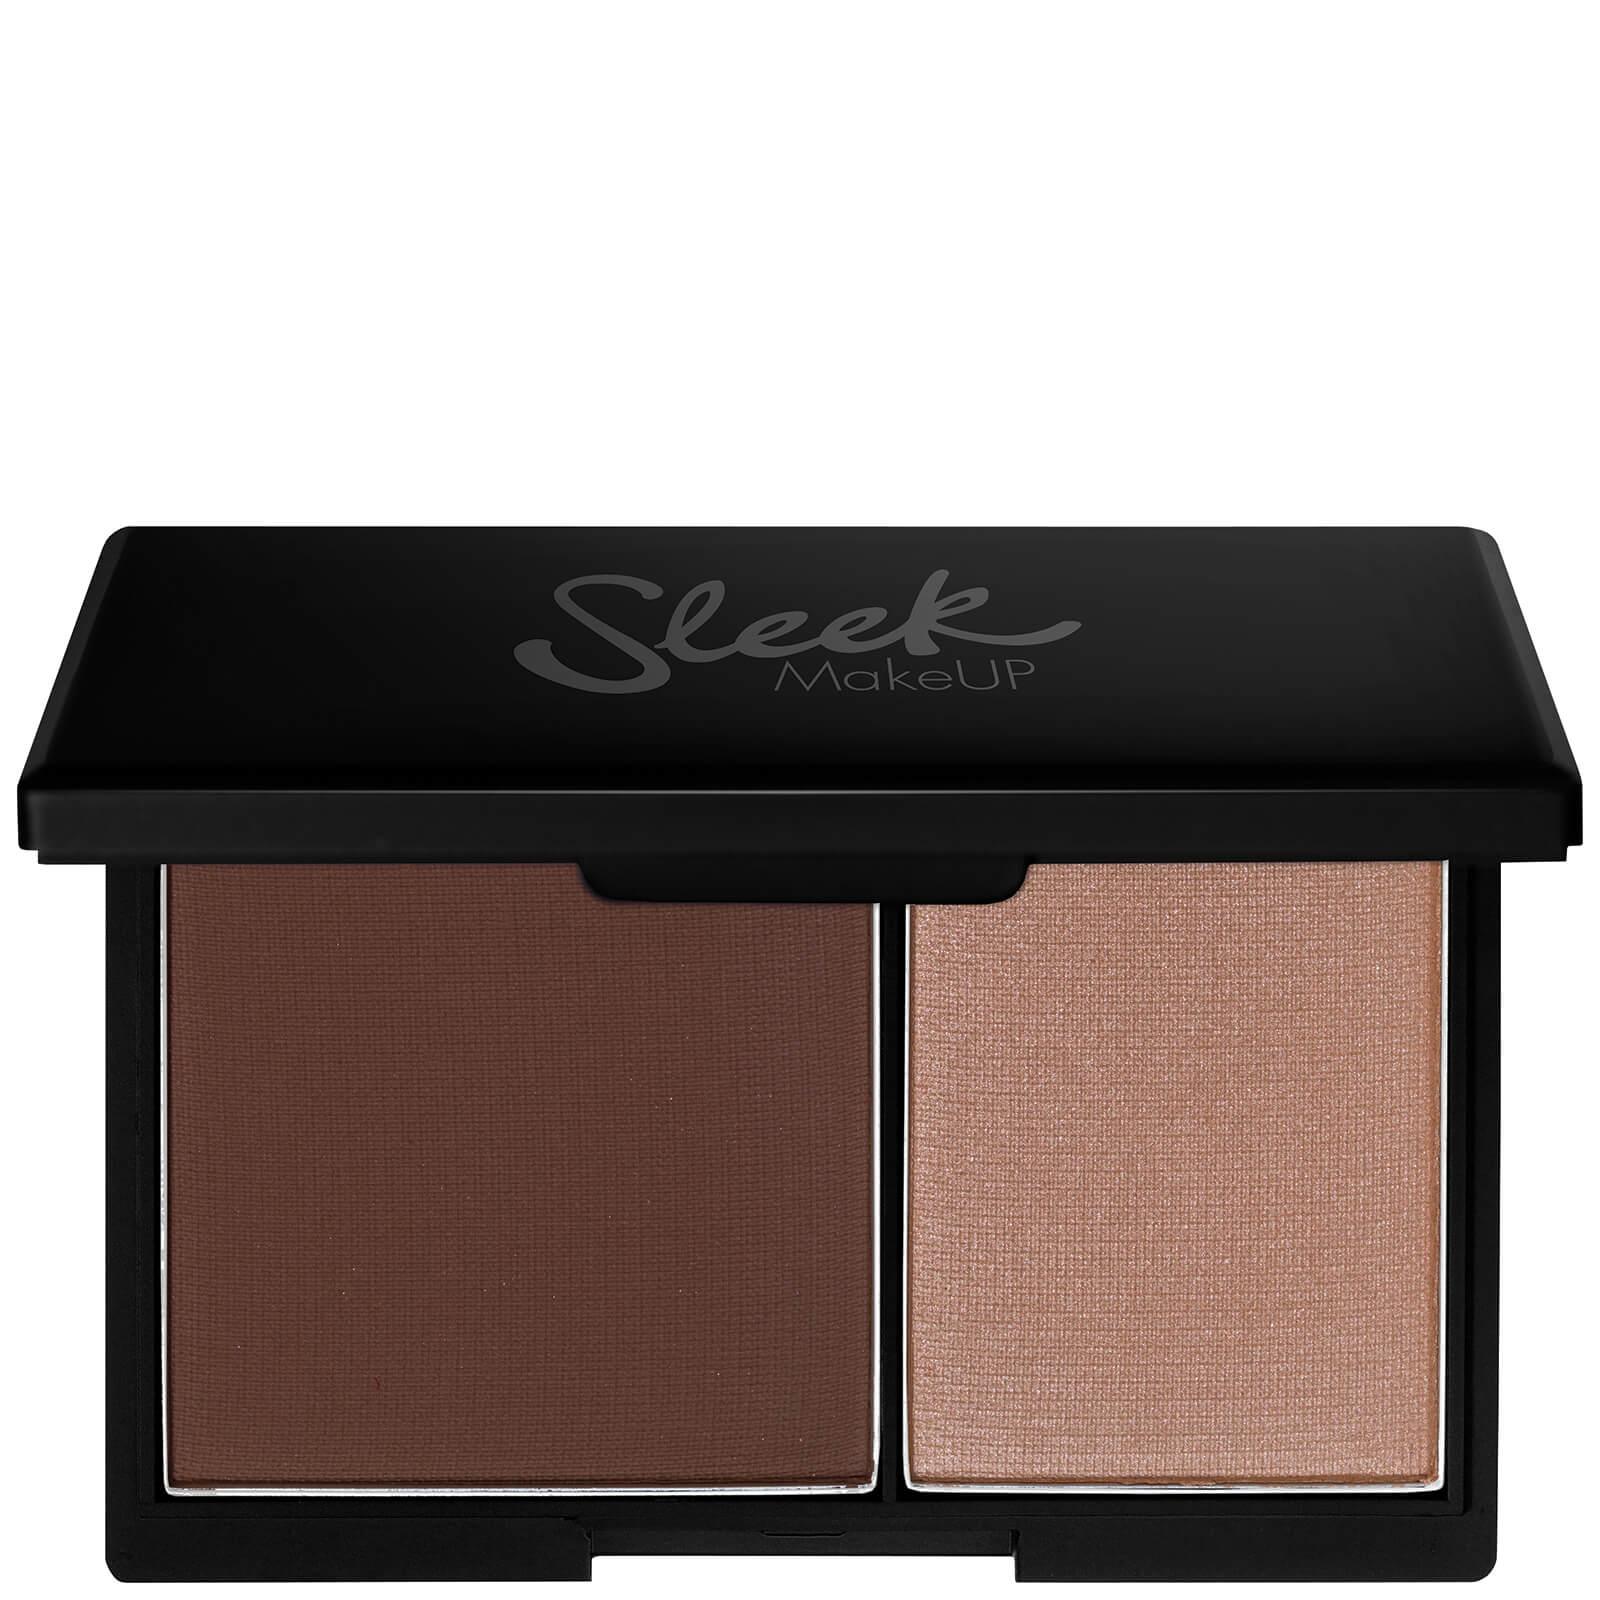 Sleek MakeUP Face Contour Kit - Medium 13g